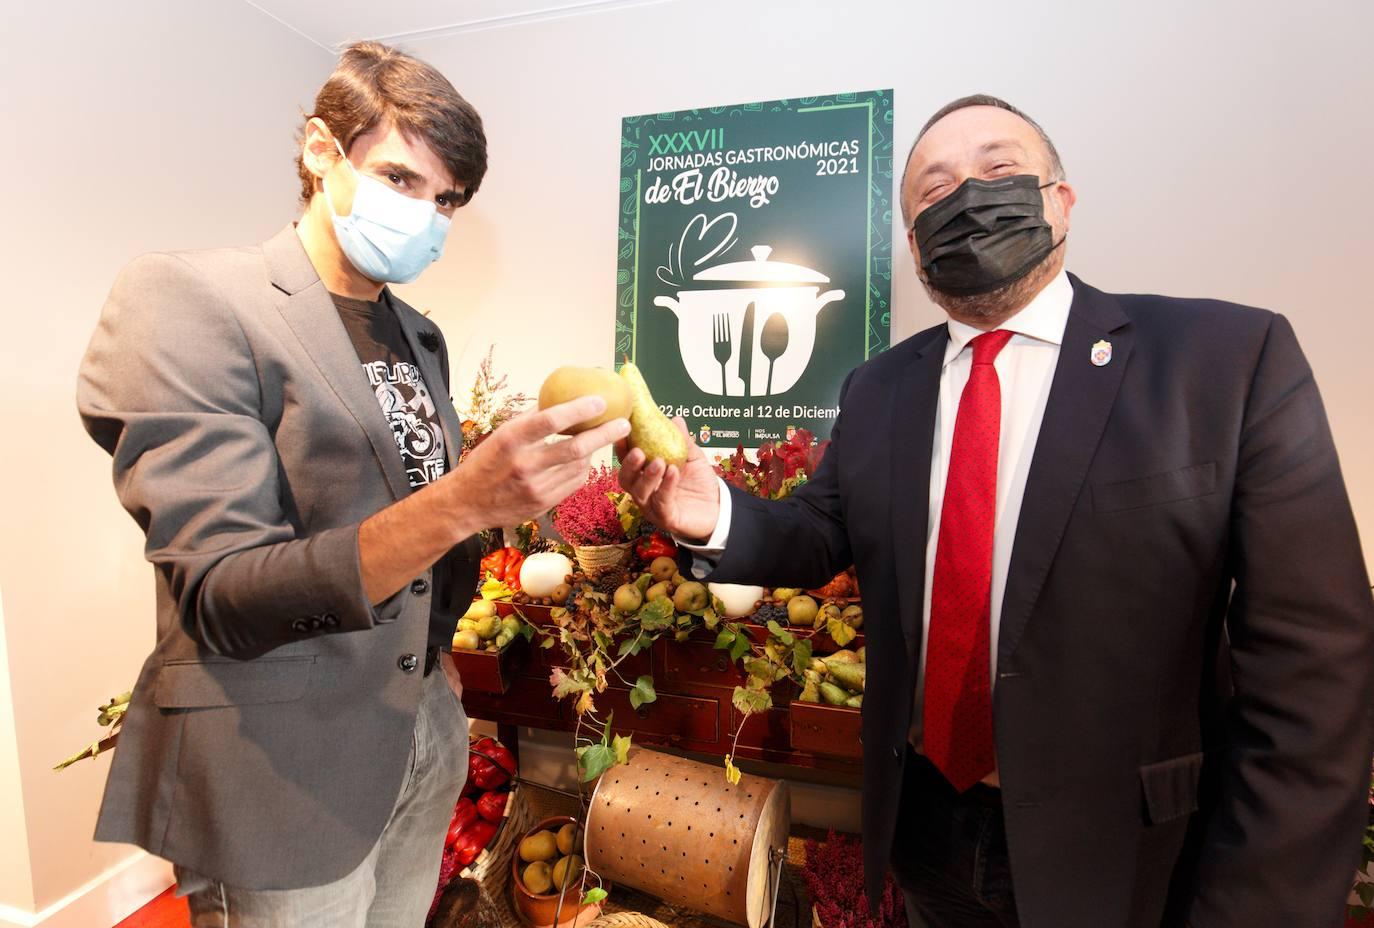 Inauguración de las XXXVII Jornadas Gastronómicas